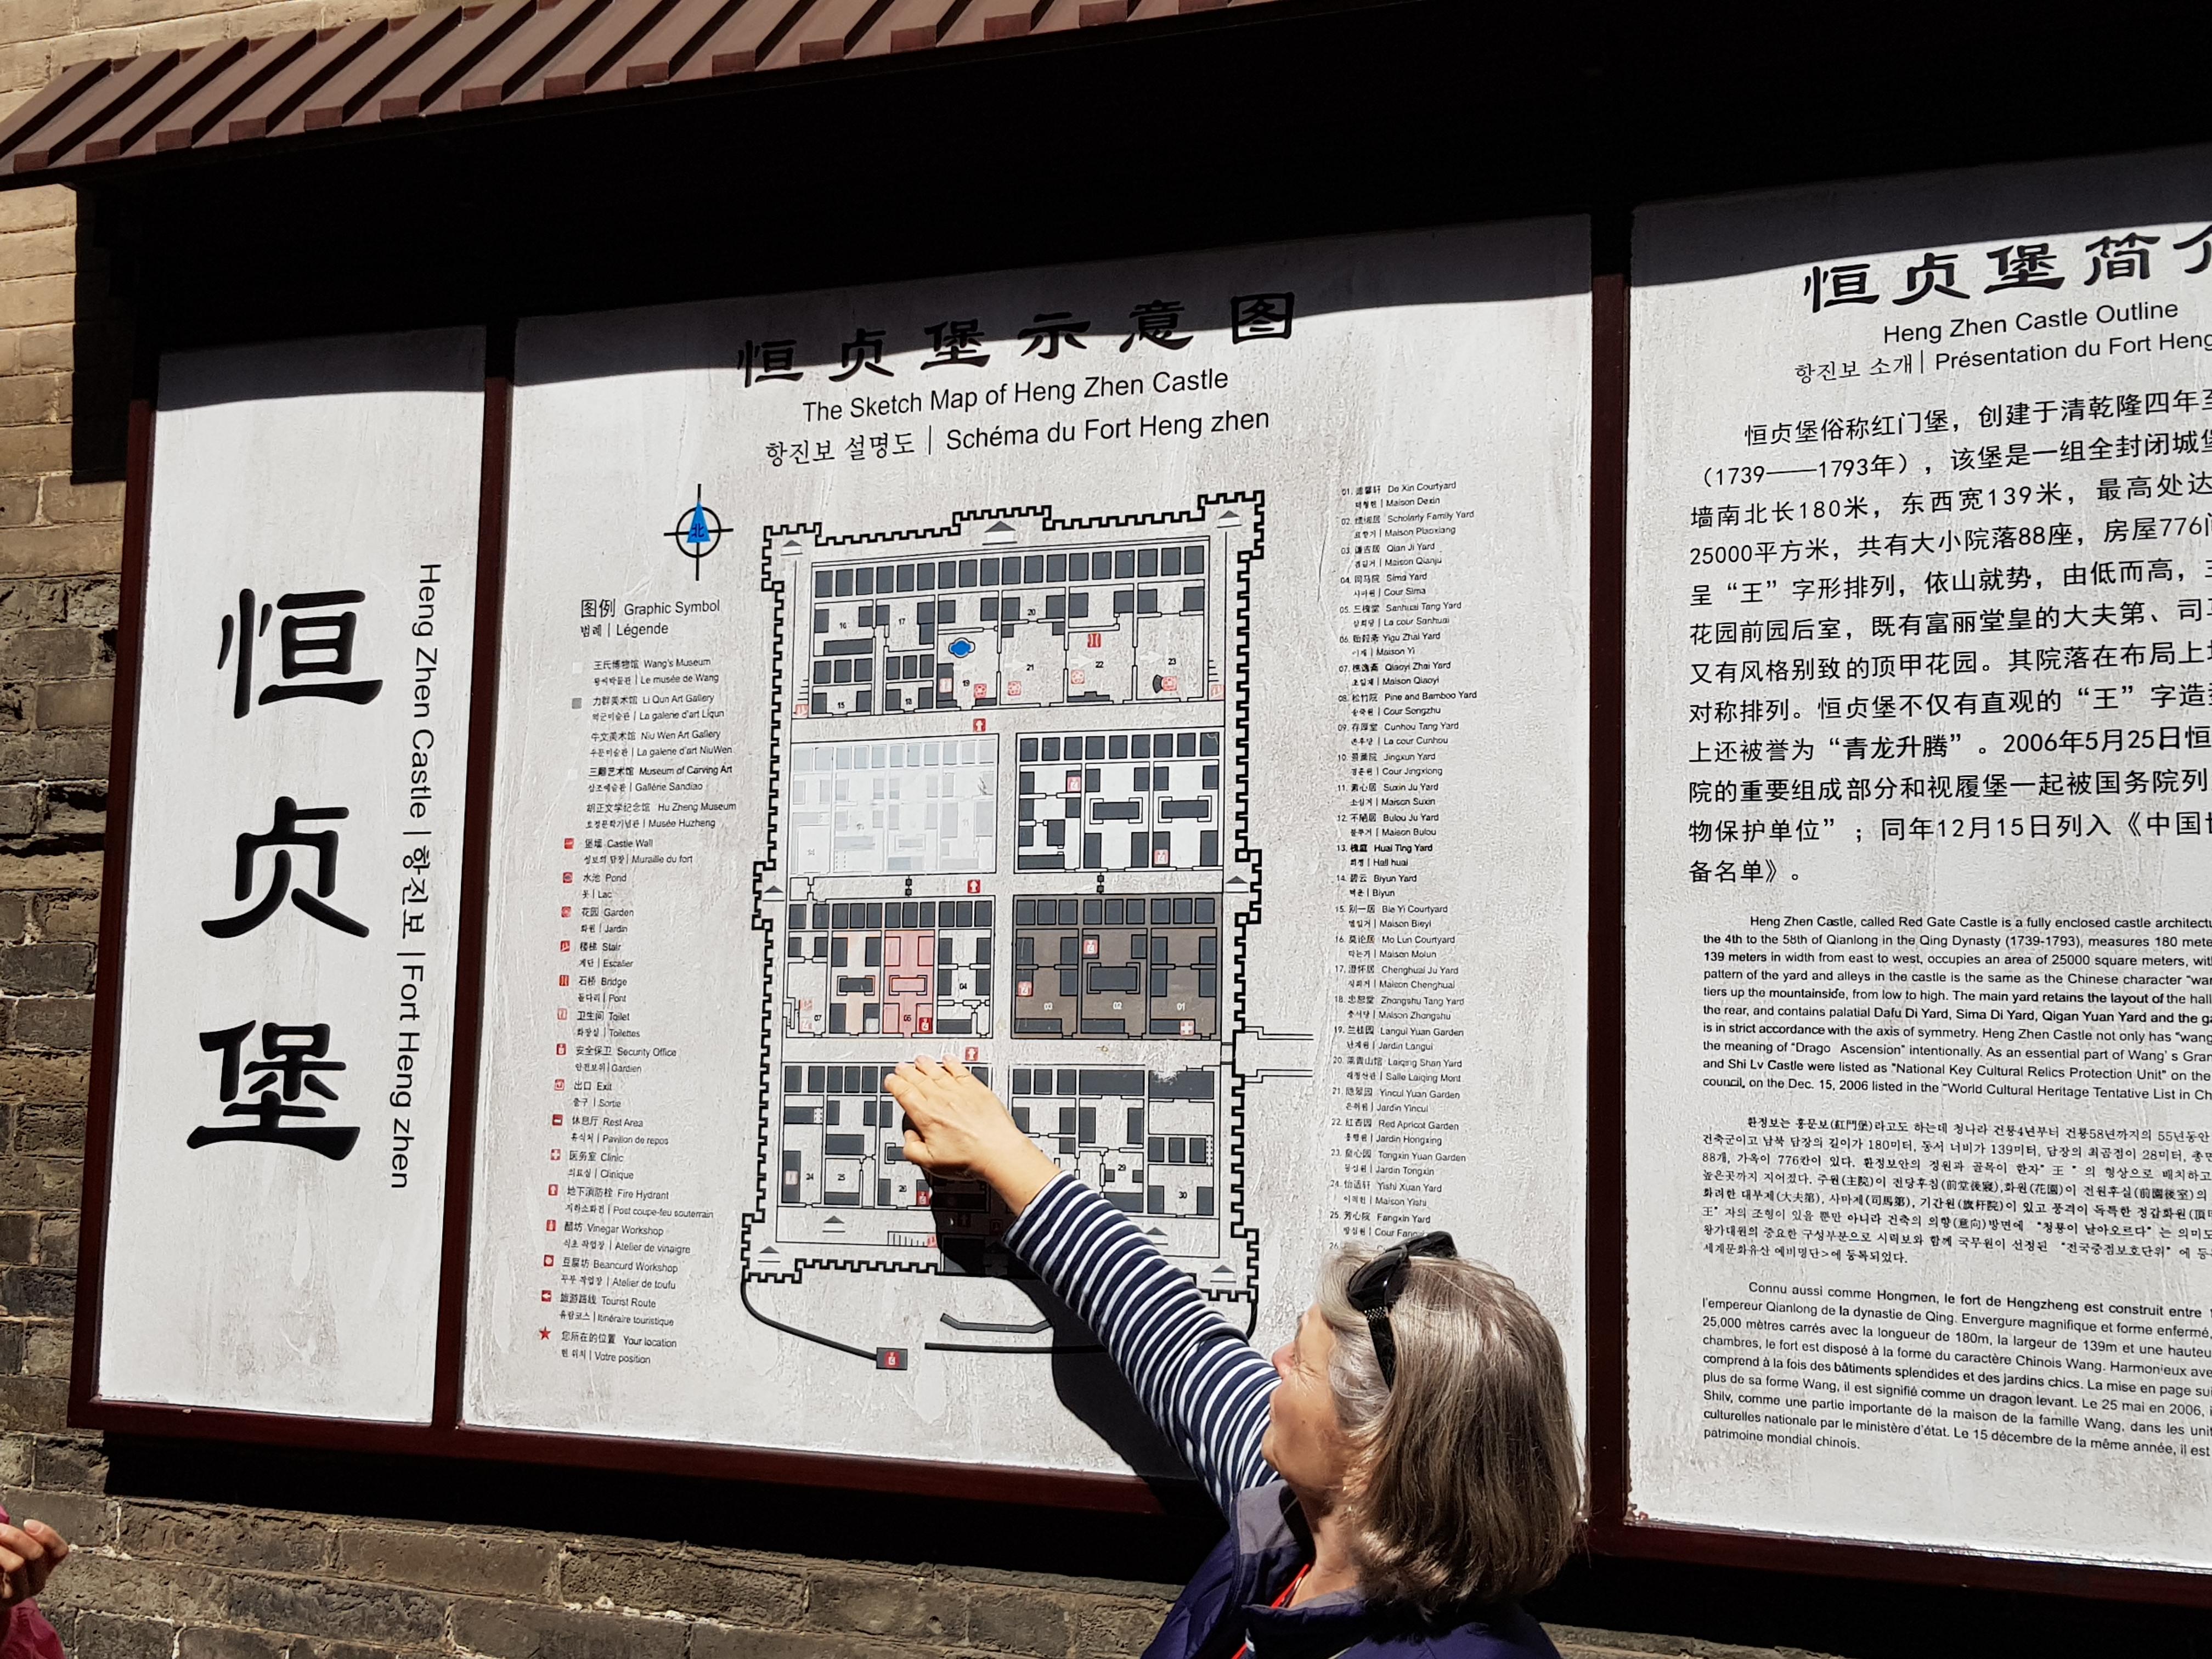 Heng Zhen Castle